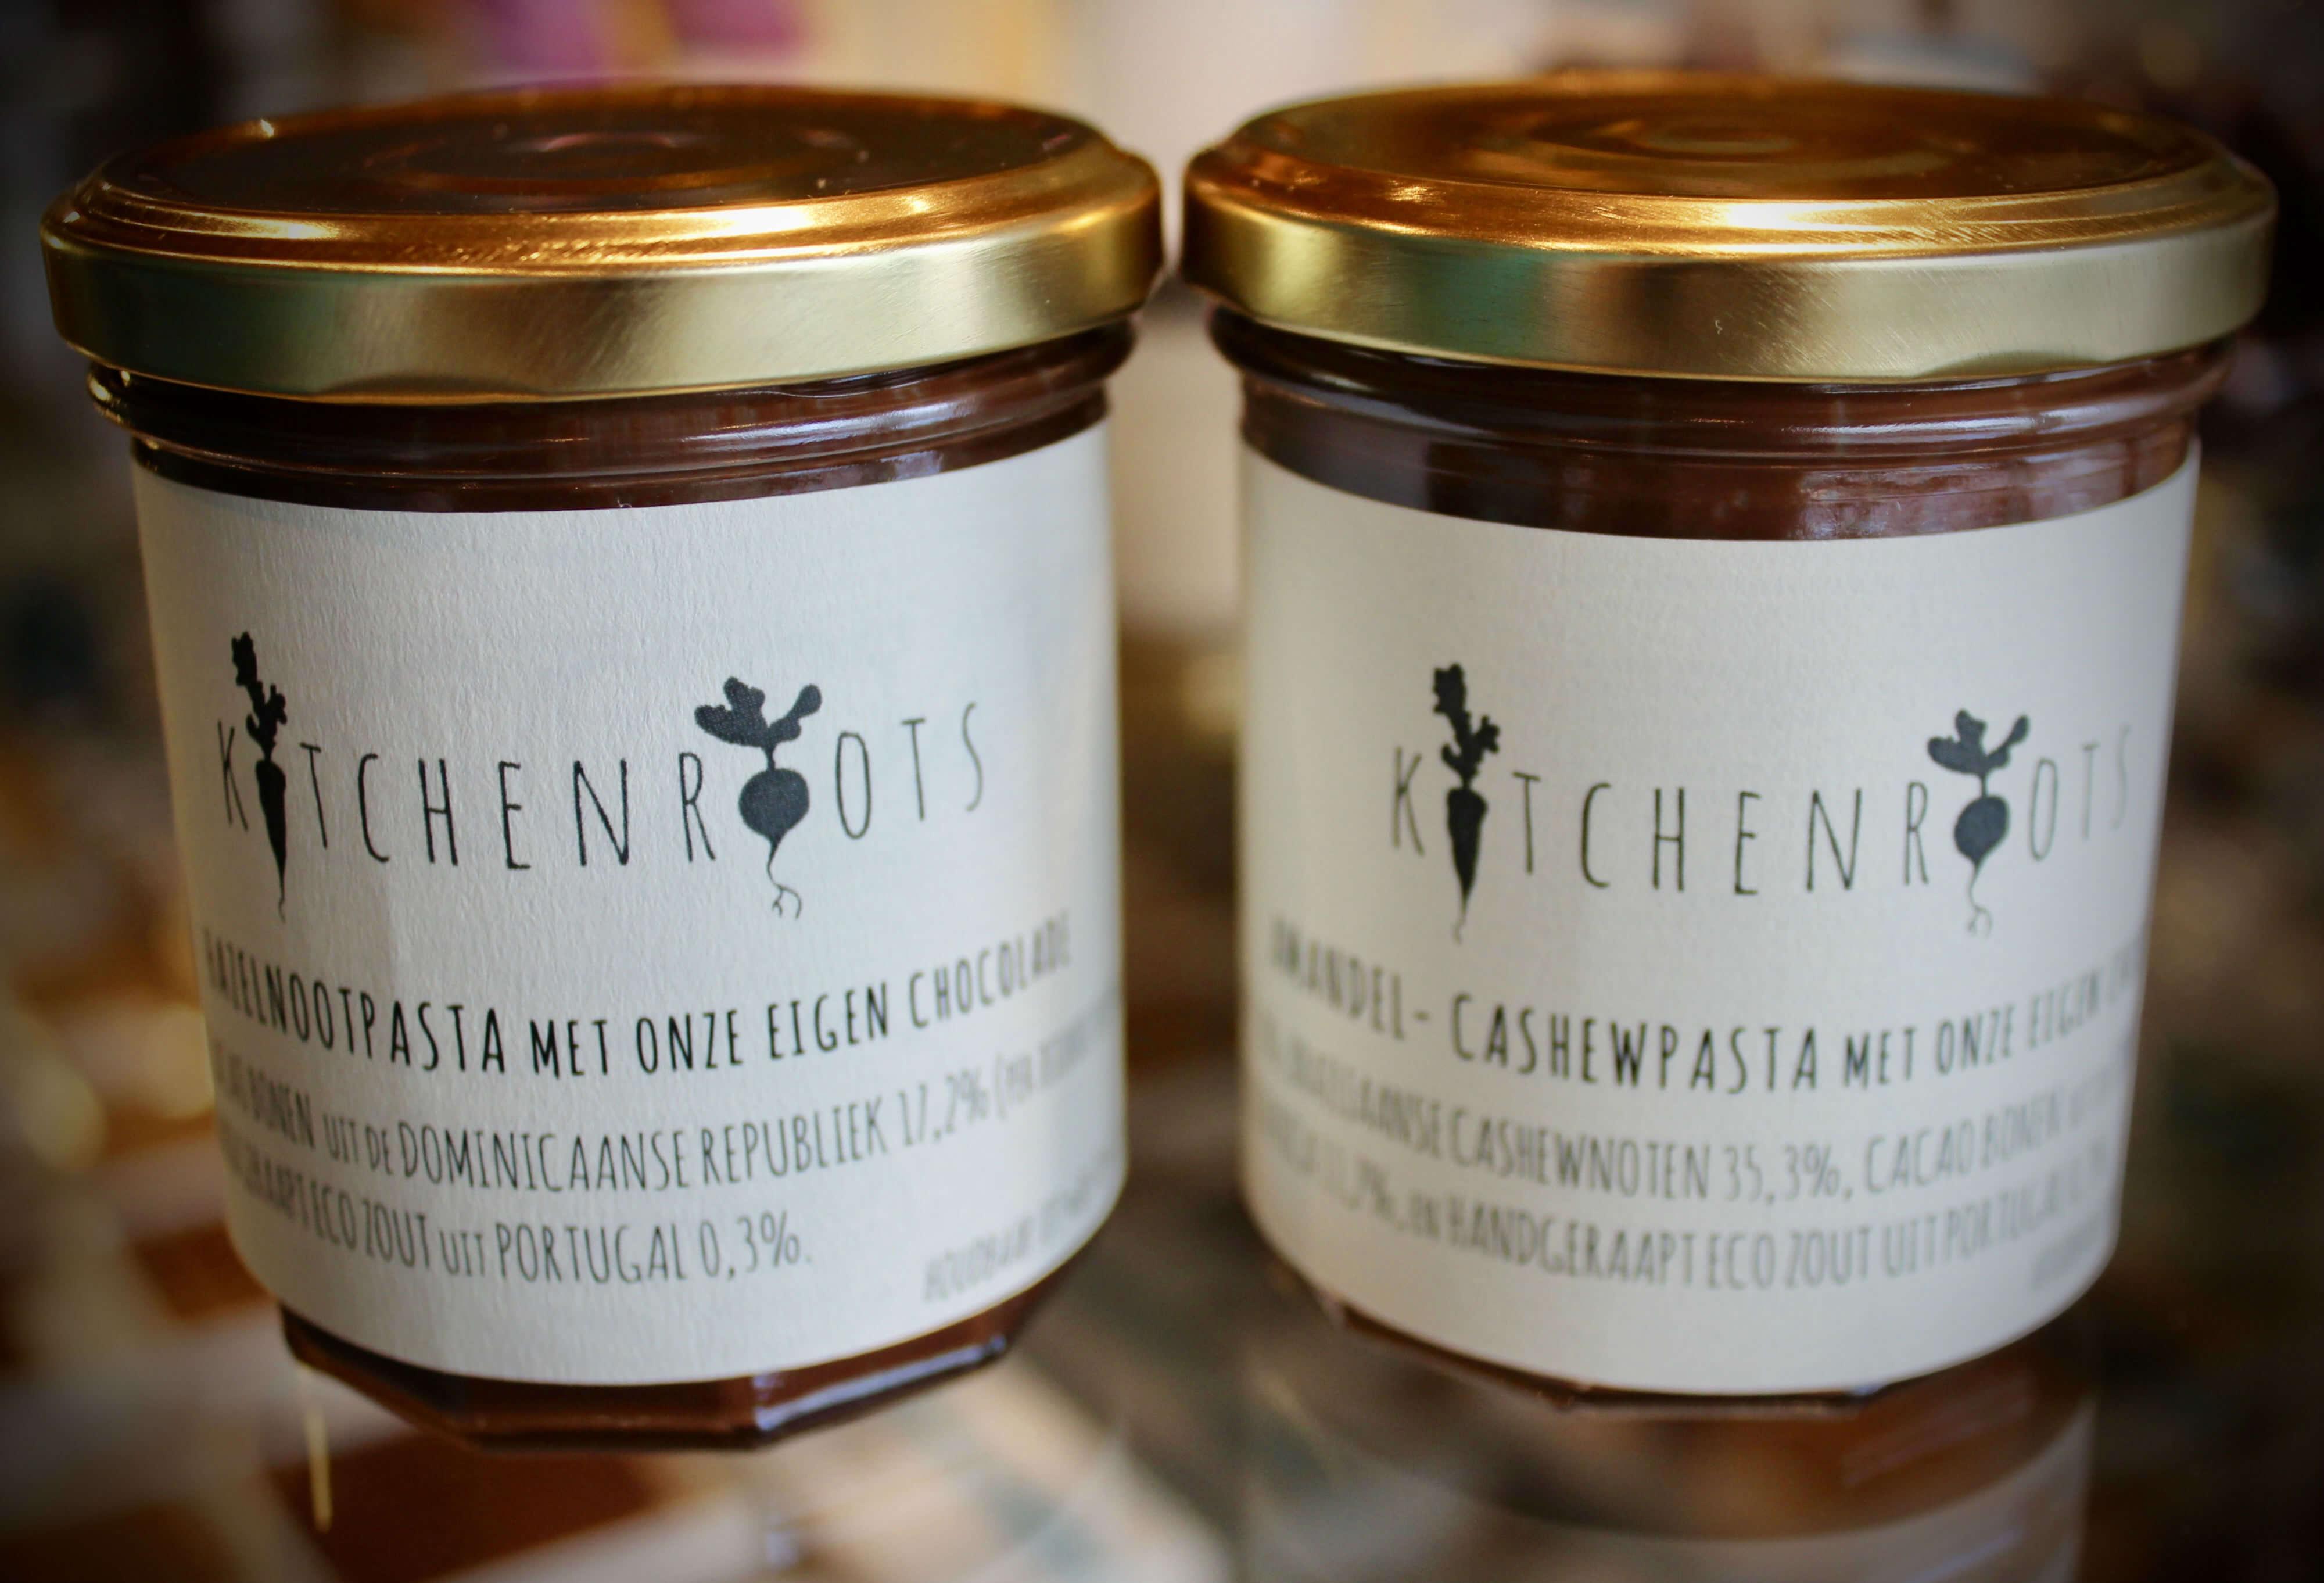 hazelnut spread and almond- cashew spread  may 2018